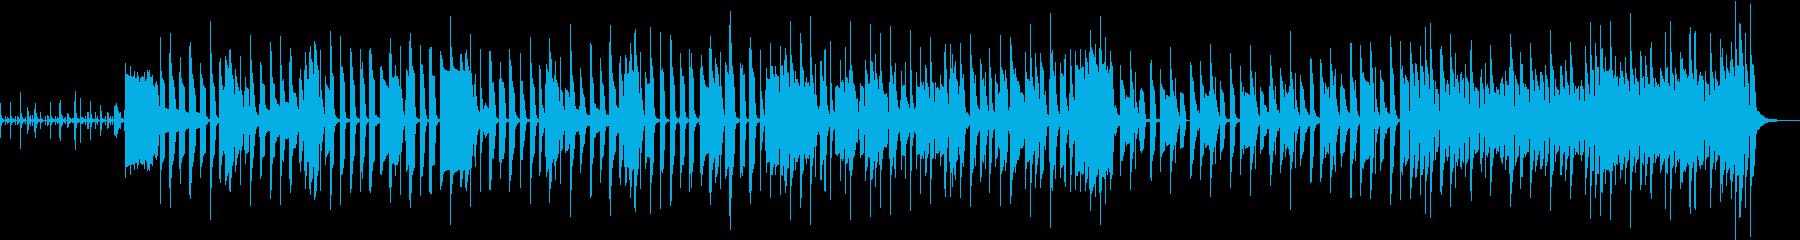 軽快なベースとドラムのセッションの再生済みの波形